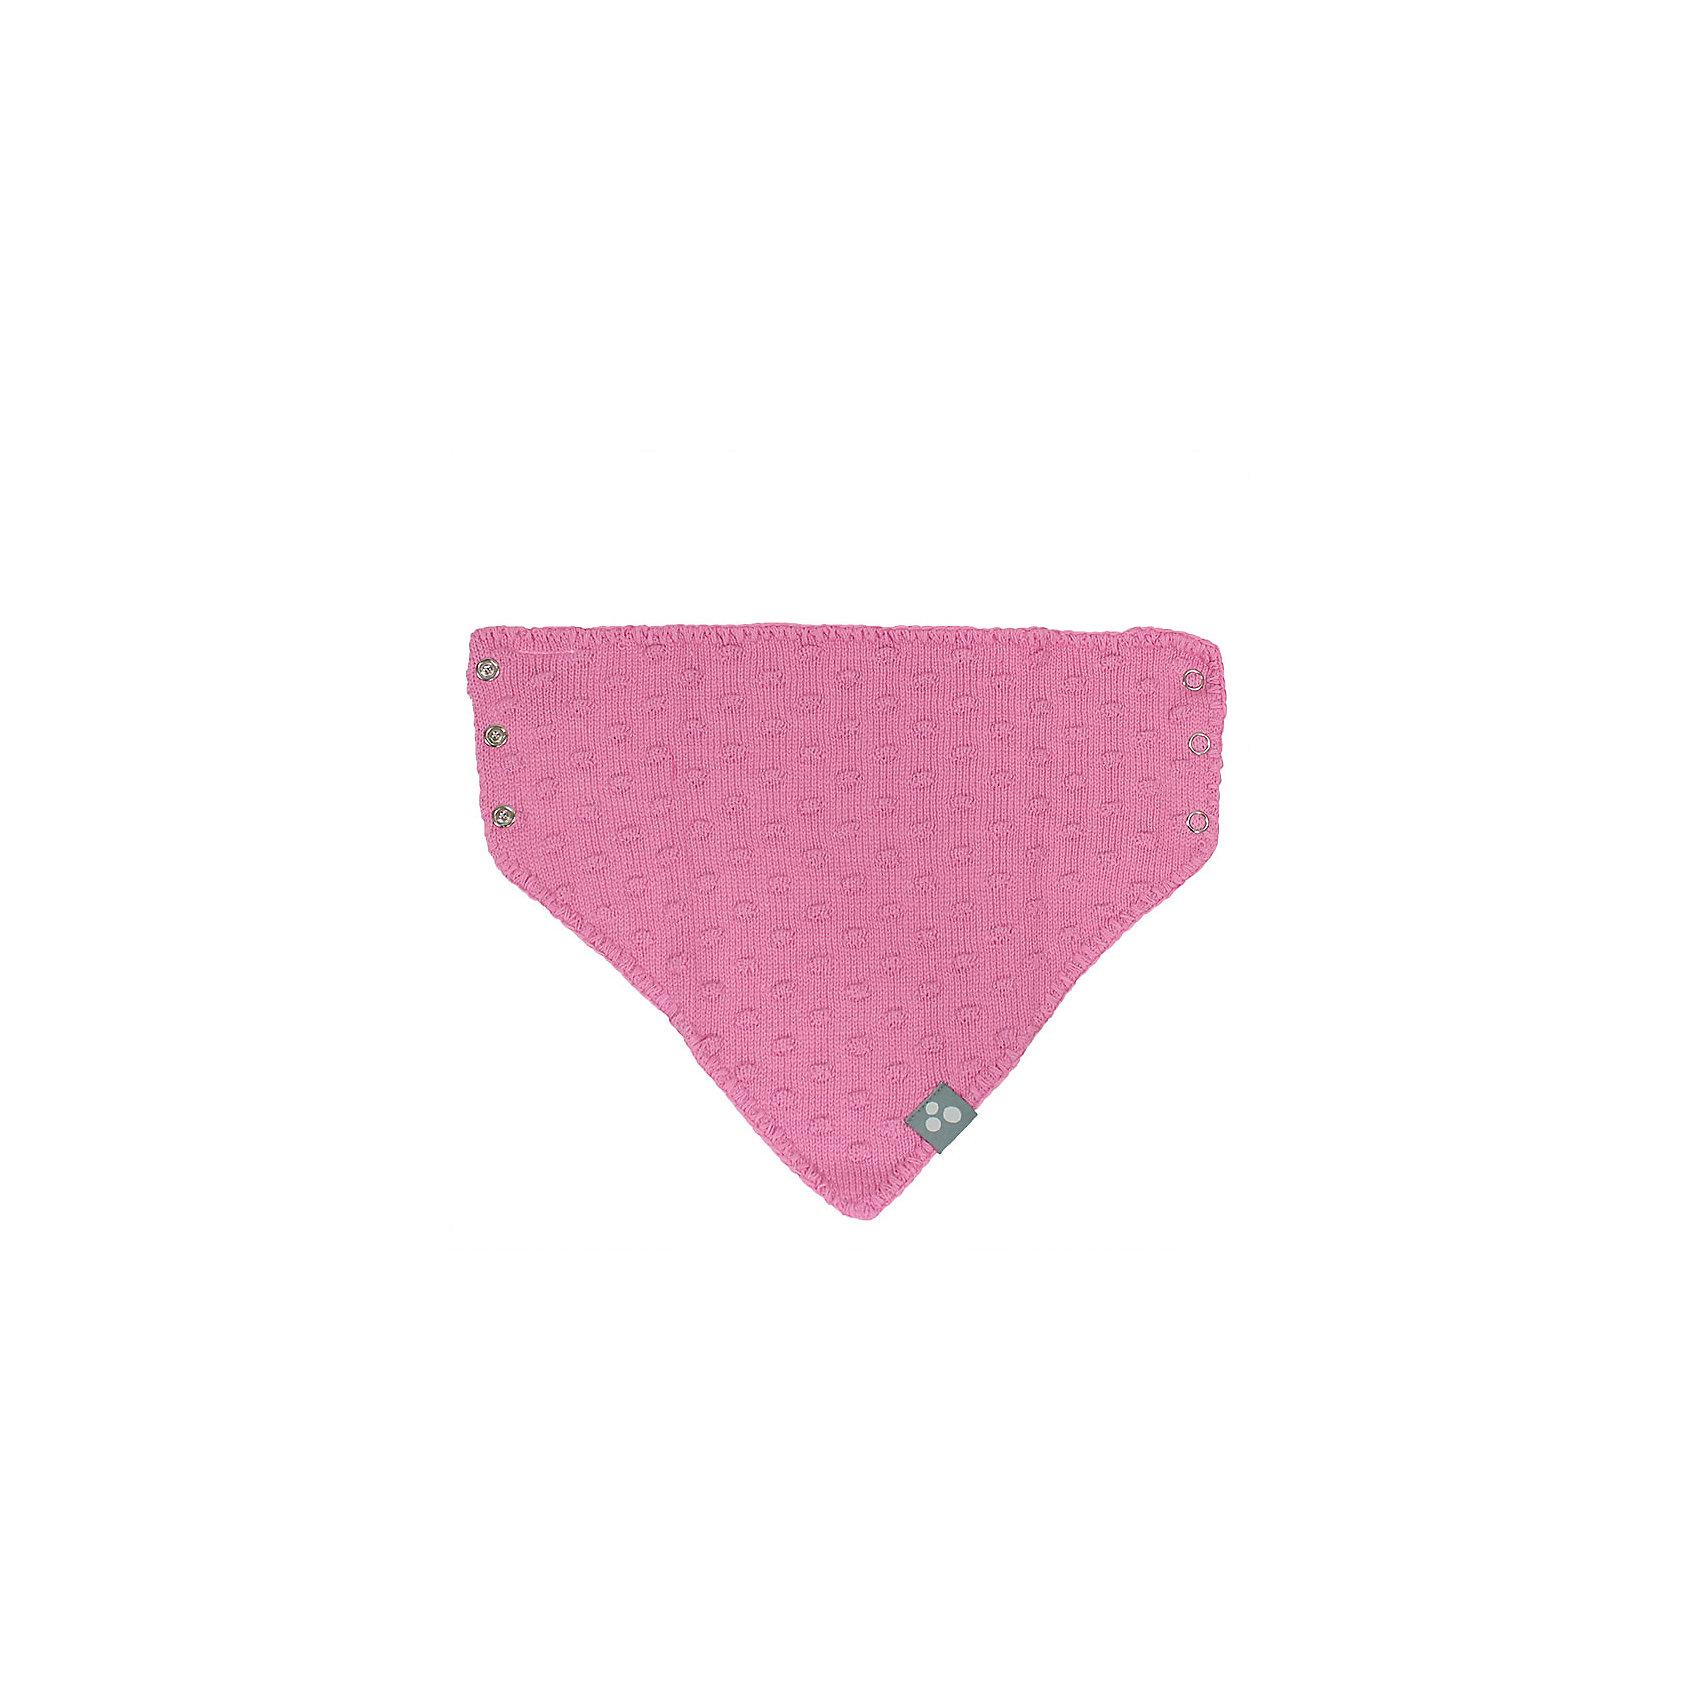 Манишка LENNA для девочки HuppaХарактеристики товара:<br><br>• цвет: розовый<br>• ткань: флис - 50% хлопок, 50% акрил<br>• температурный режим: от -5°С до +10°С<br>• застёгивается на кнопки<br>• демисезонная<br>• логотип<br>• комфортная посадка<br>• мягкий материал<br>• коллекция: весна-лето 2017<br>• страна бренда: Эстония<br><br>Эта манишка обеспечит детям тепло и комфорт. Она сделана из приятного на ощупь мягкого материала. Манишка очень симпатично смотрится, а дизайн и расцветка позволяют сочетать её с различной одеждой. Модель была разработана специально для детей.<br><br>Одежда и обувь от популярного эстонского бренда Huppa - отличный вариант одеть ребенка можно и комфортно. Вещи, выпускаемые компанией, качественные, продуманные и очень удобные. Для производства изделий используются только безопасные для детей материалы. Продукция от Huppa порадует и детей, и их родителей!<br><br>Манишку LENNA  от бренда Huppa (Хуппа) можно купить в нашем интернет-магазине.<br><br>Ширина мм: 88<br>Глубина мм: 155<br>Высота мм: 26<br>Вес г: 106<br>Цвет: розовый<br>Возраст от месяцев: 24<br>Возраст до месяцев: 120<br>Пол: Женский<br>Возраст: Детский<br>Размер: one size<br>SKU: 5347588